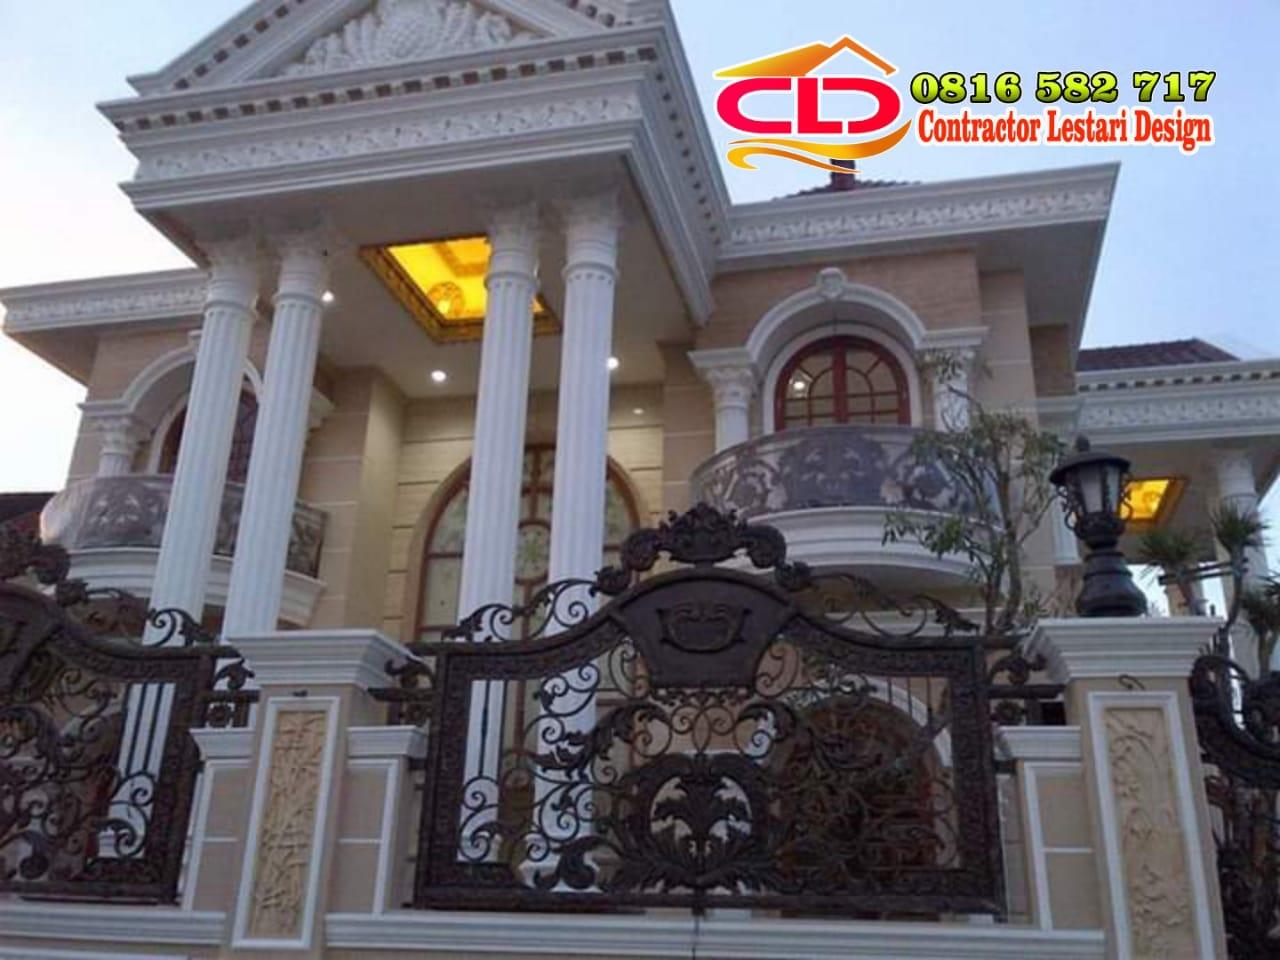 kontraktor rumah mewah,kontraktor rumah klasik,jasa bikin rumah klasik,jasa bikin rumah mewah jakarta,arsitek rumah mewah